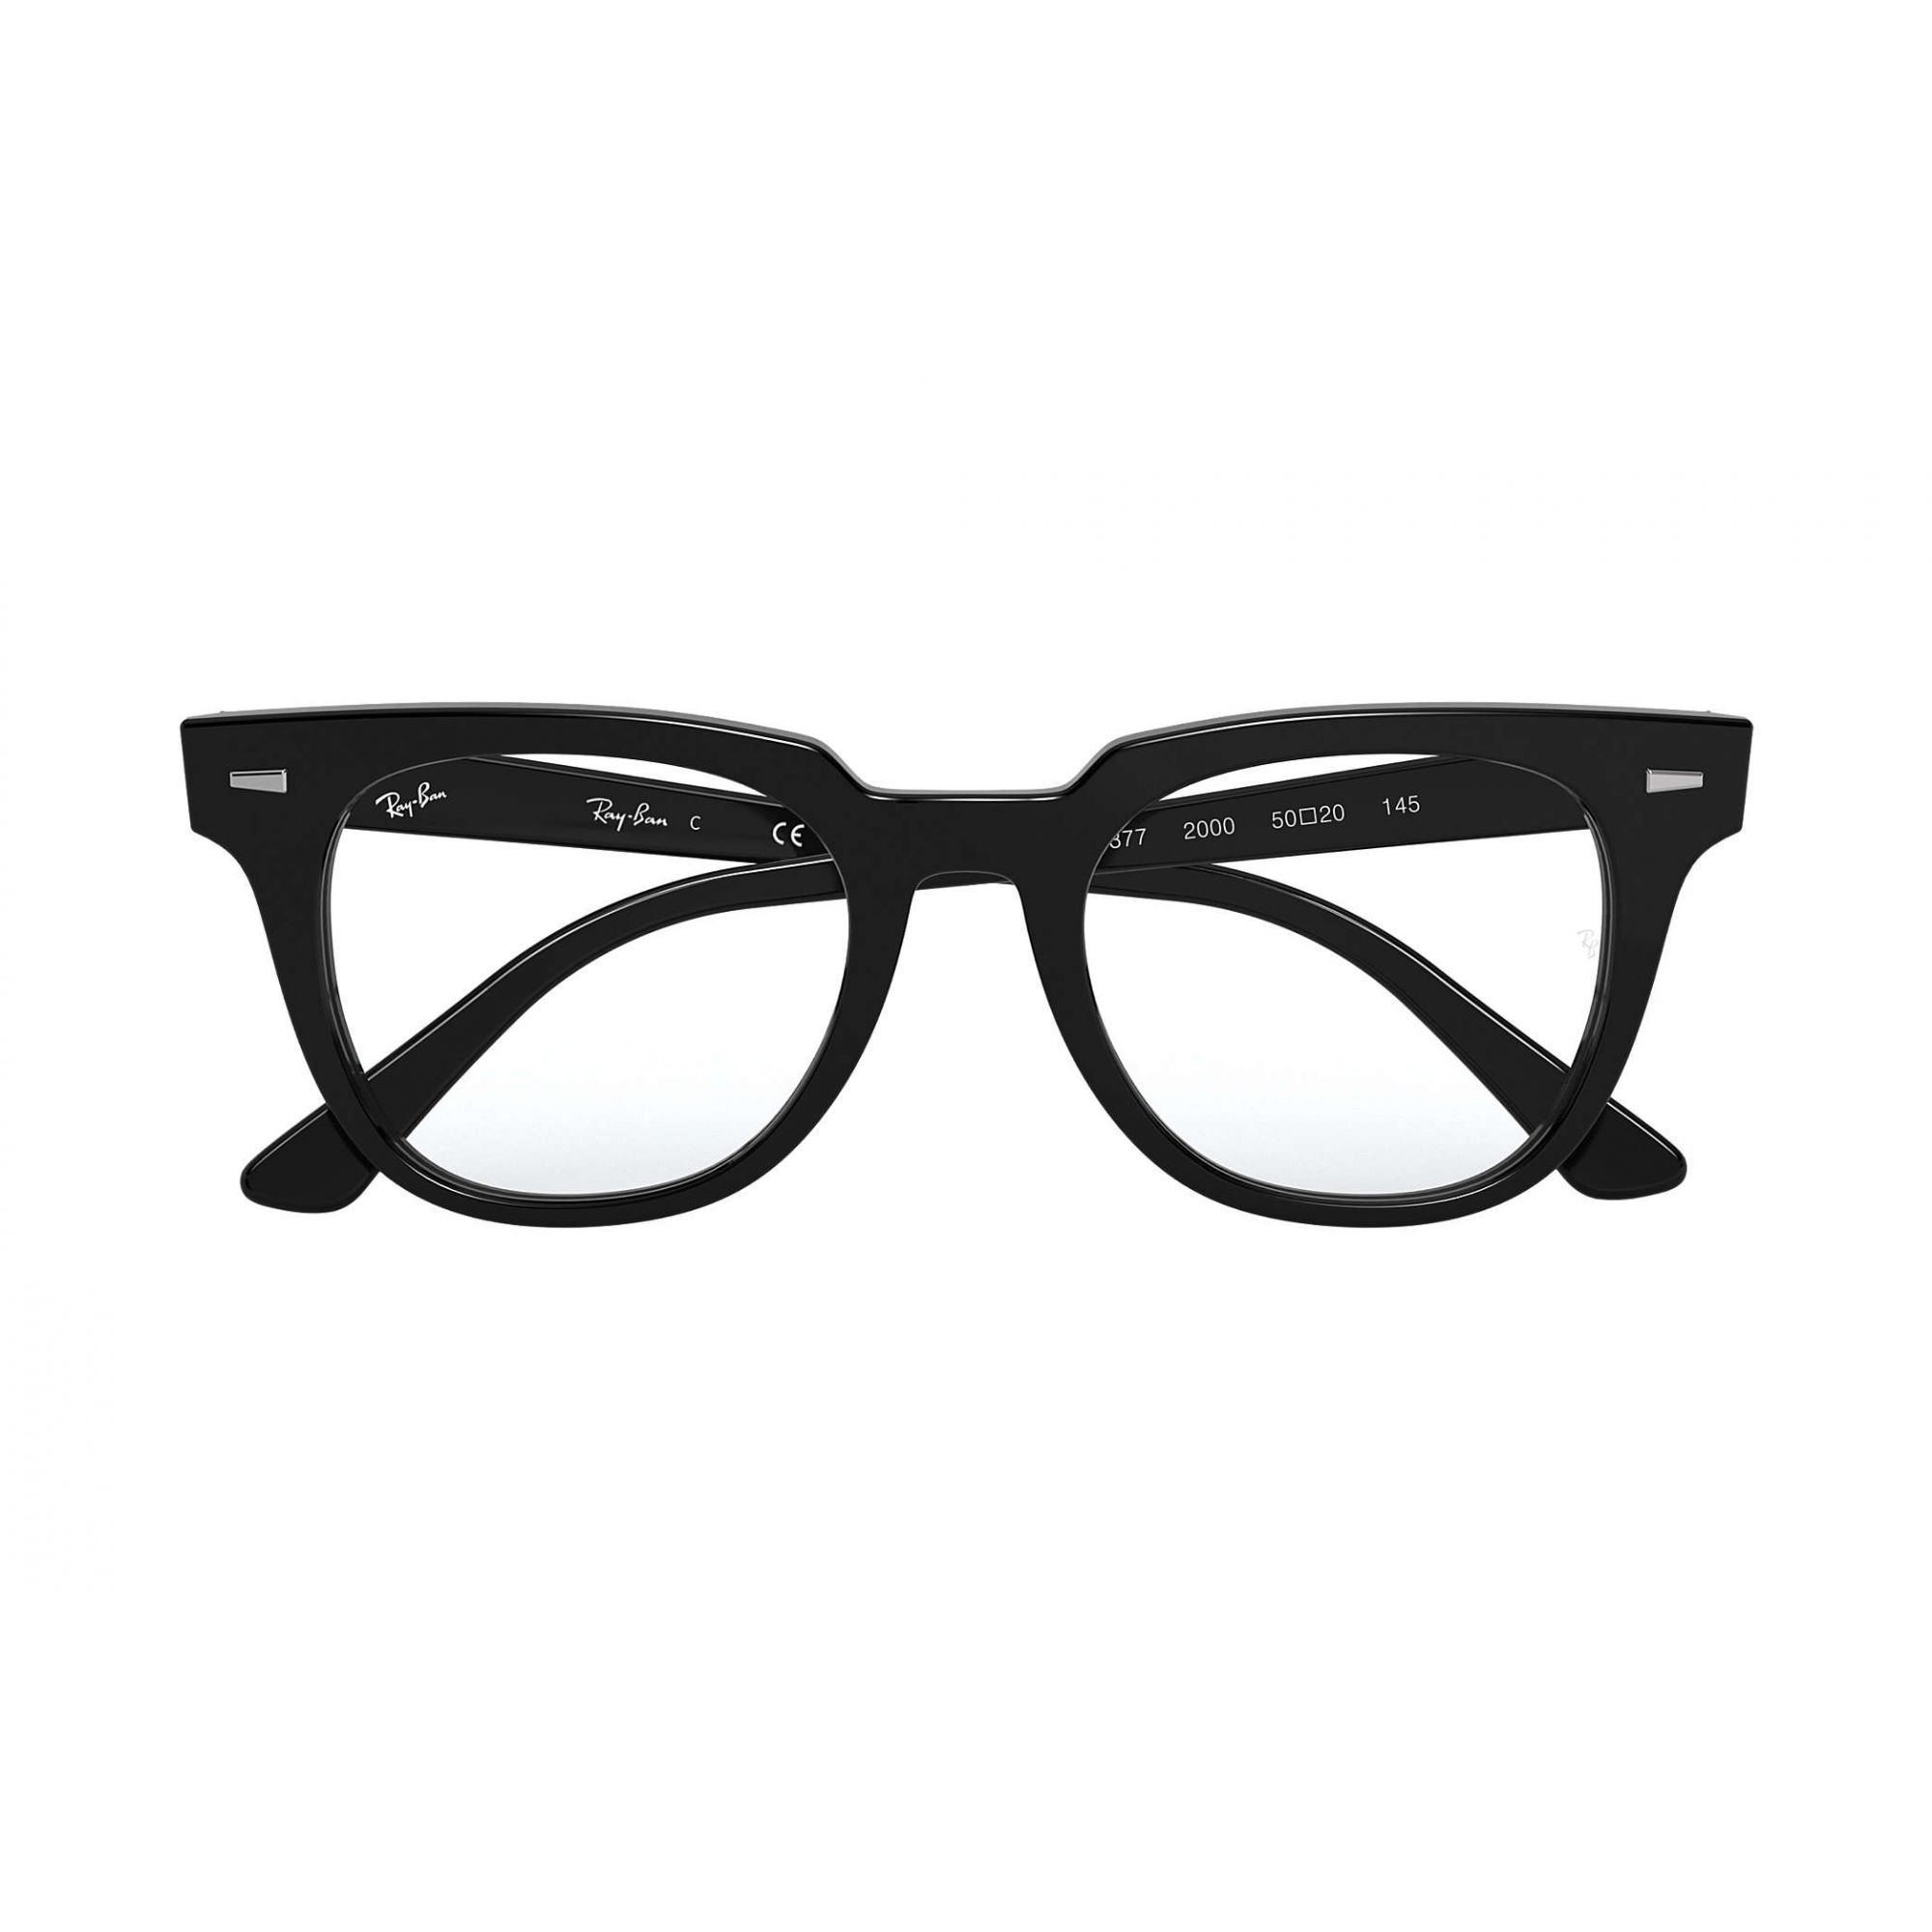 Ray Ban - RB5377 2000 - Óculos de grau